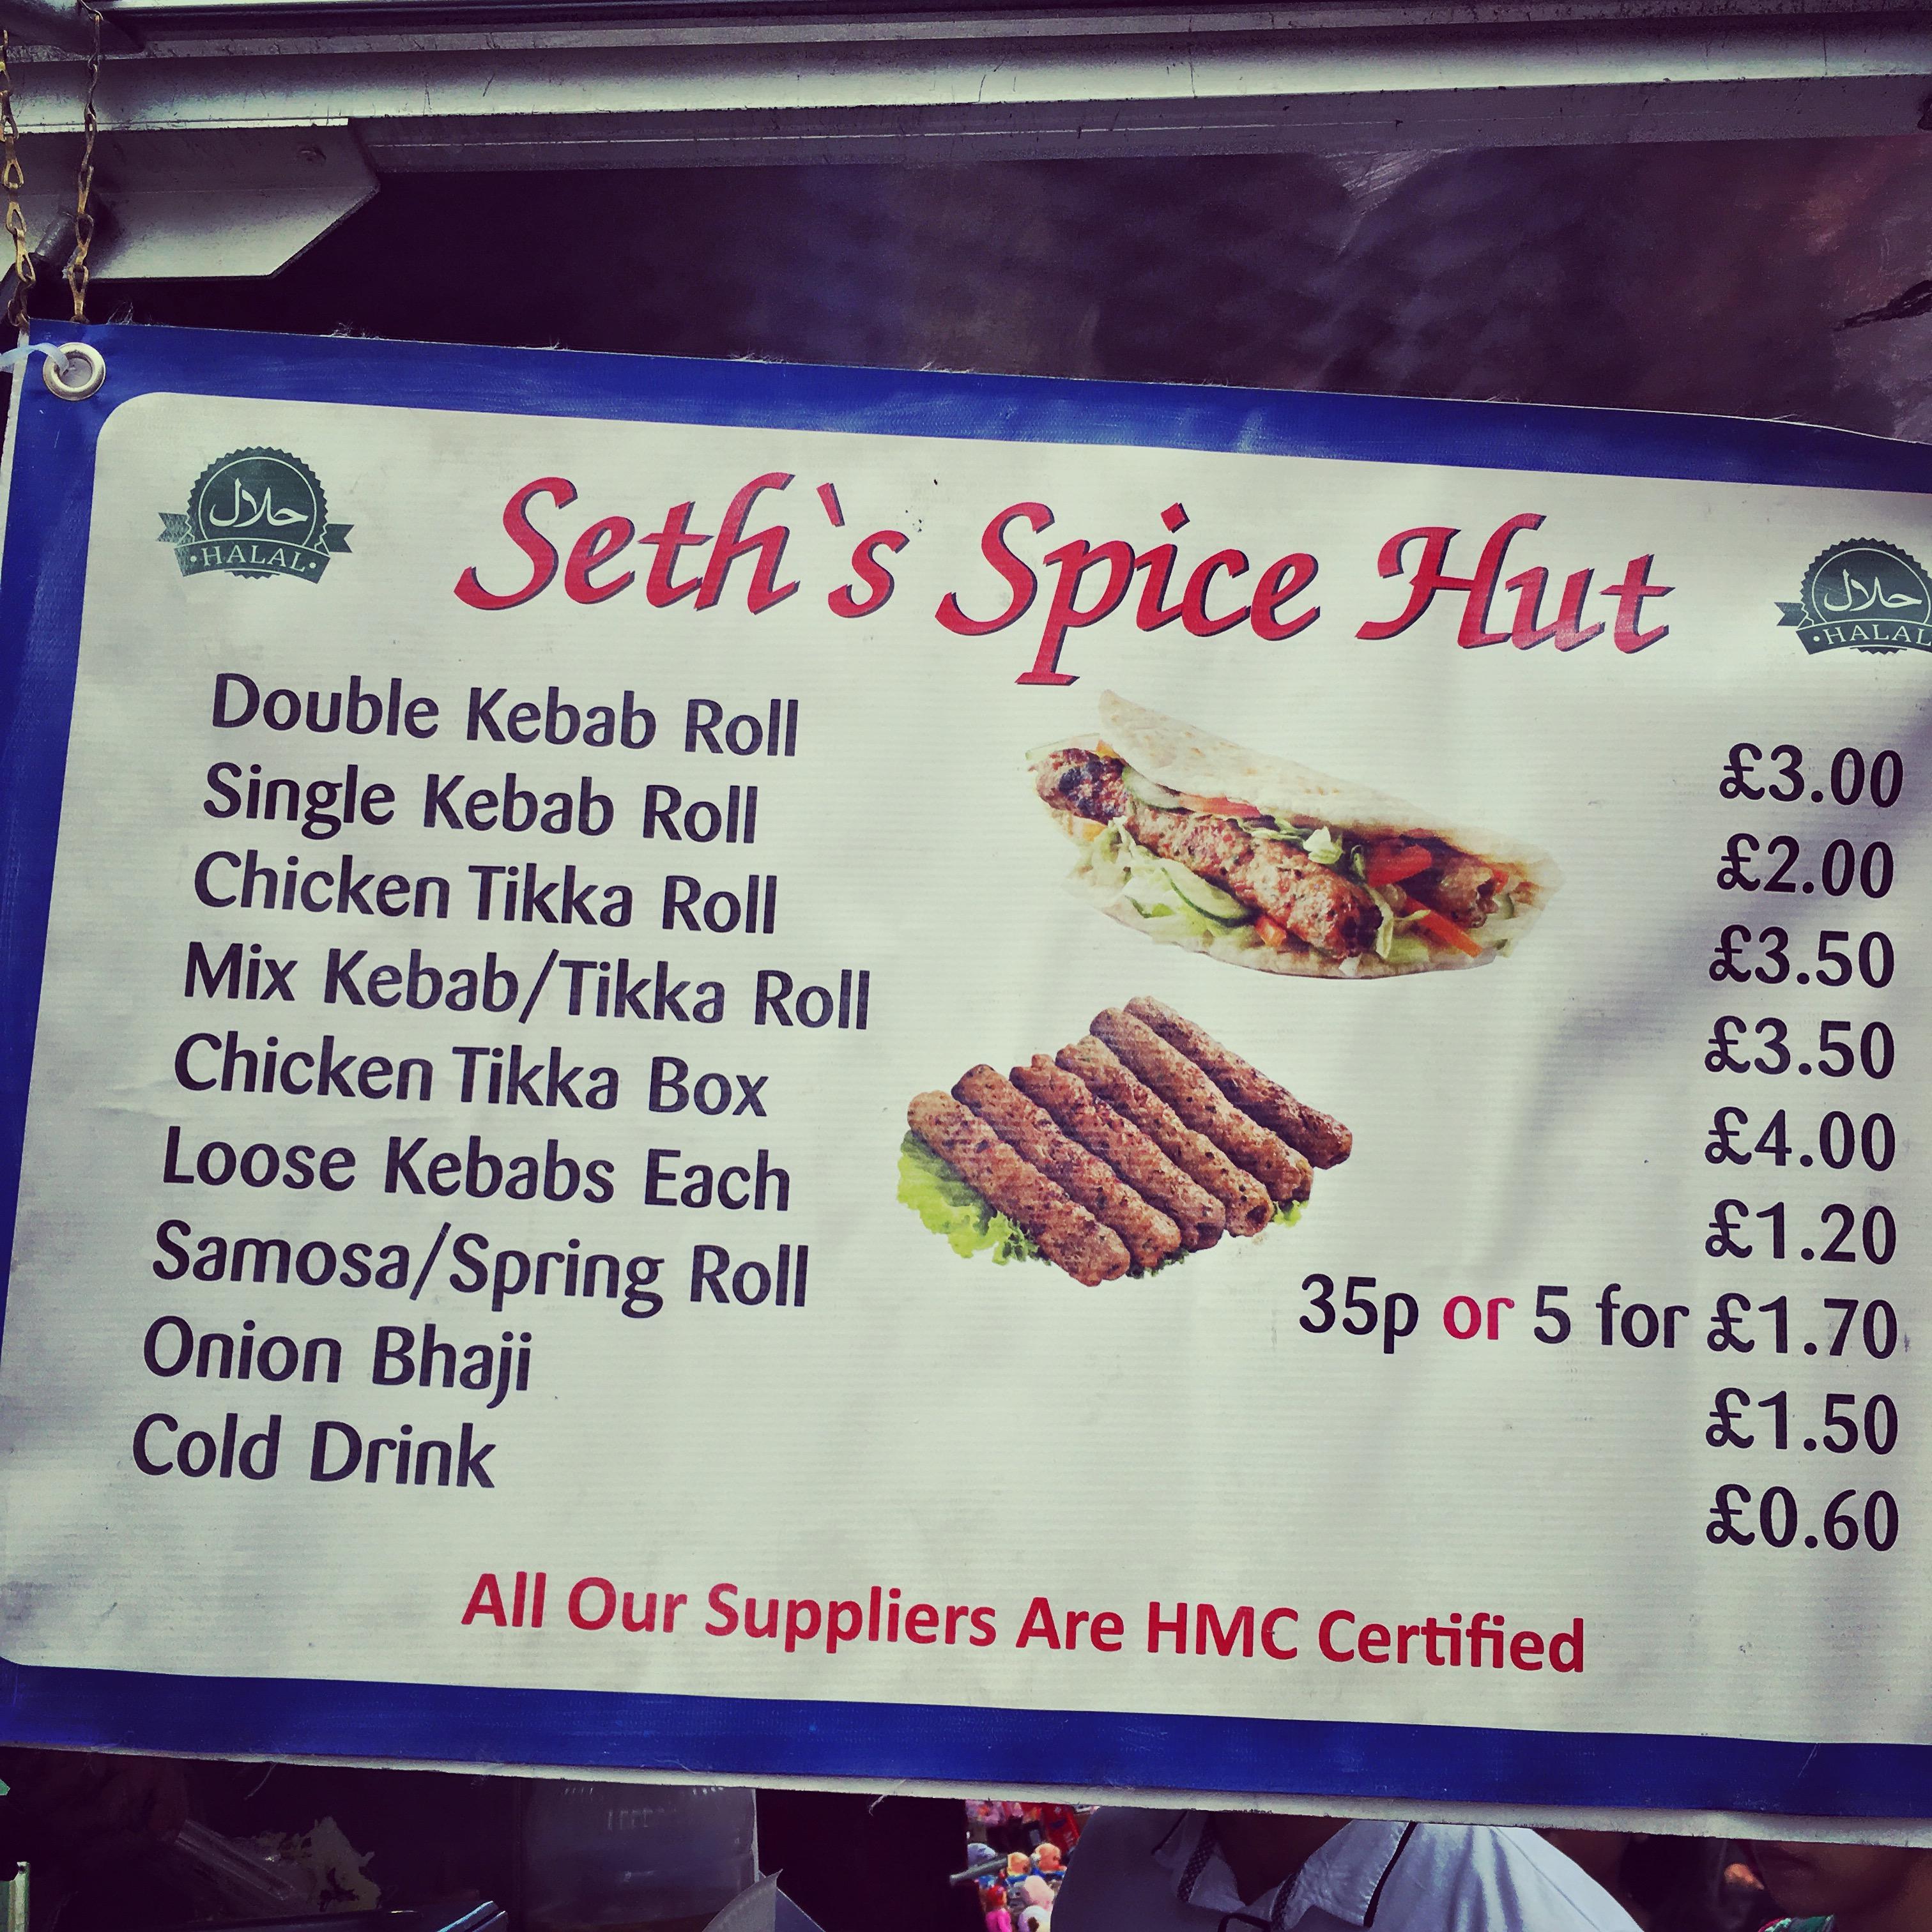 Seths Spice Hut Walthamstowdiary